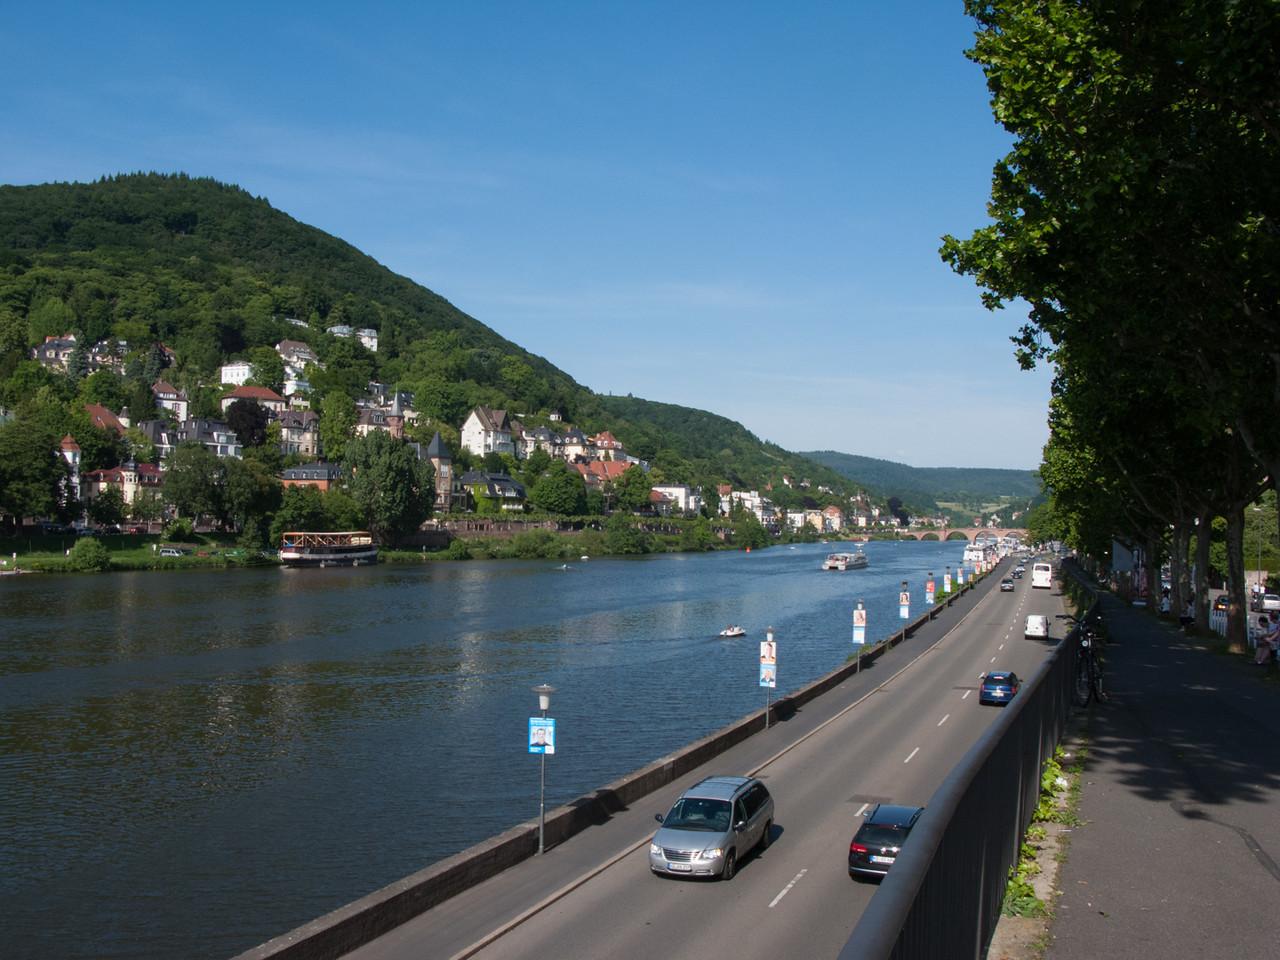 heidelberg_2014-05-20_1005